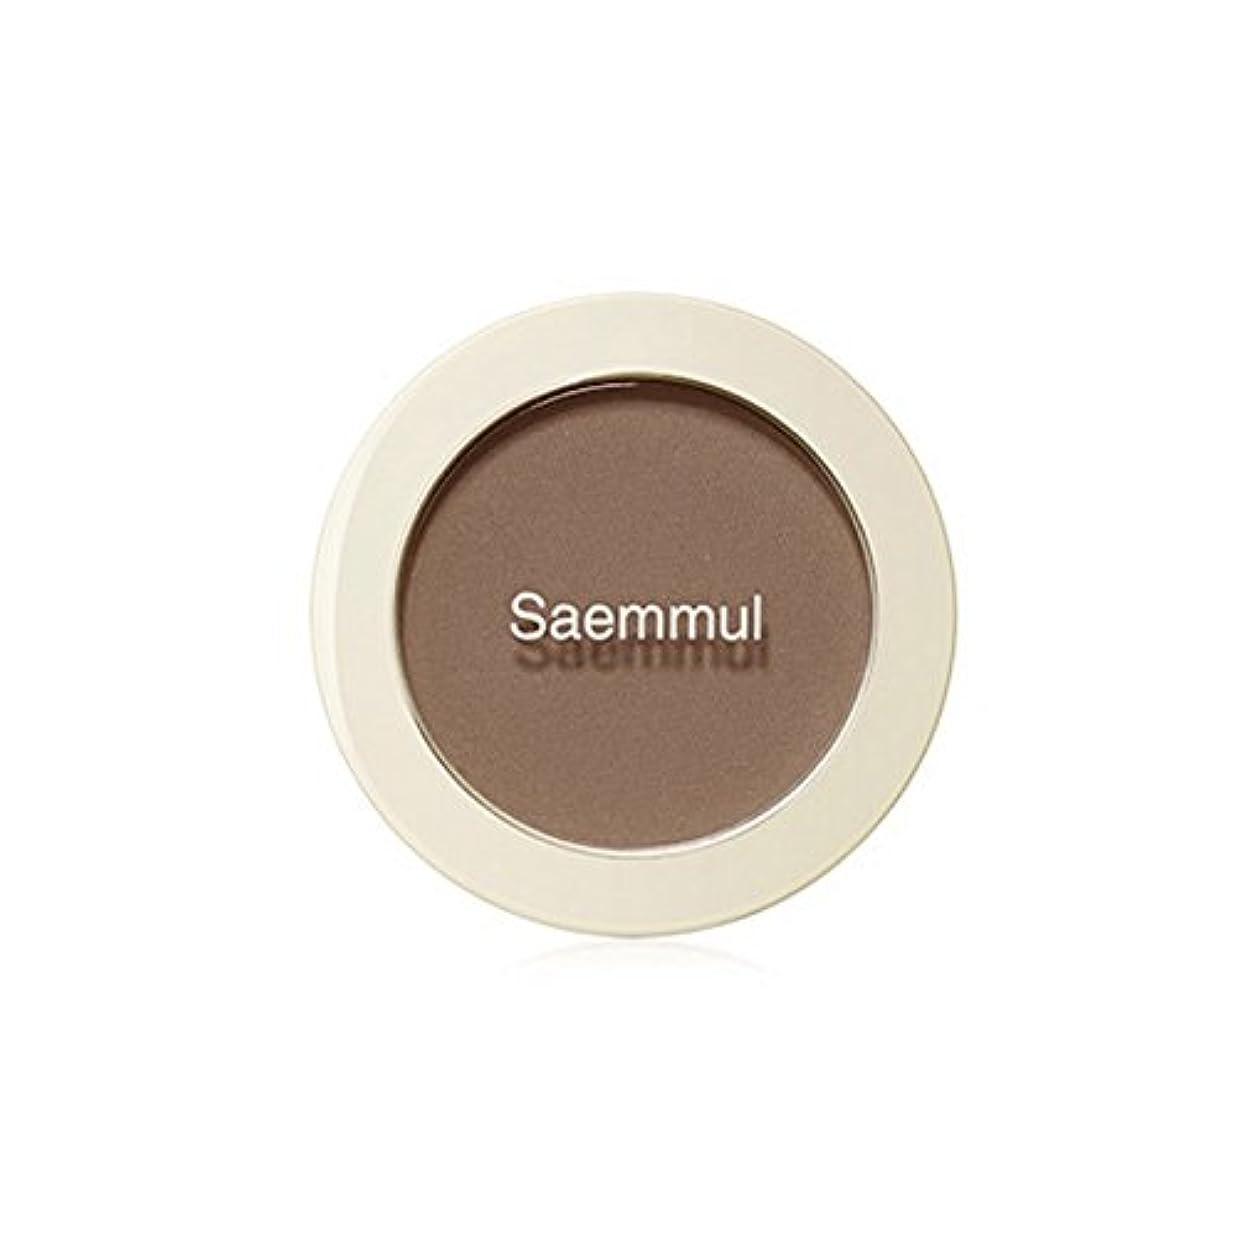 ナサニエル区造船夢中[ザセム] The Saem セムムル シングル ブラッシャー(シェーディング) Saemmul Single Blusher(Shading) (海外直送品) (BR01コルミブラウン) [並行輸入品]